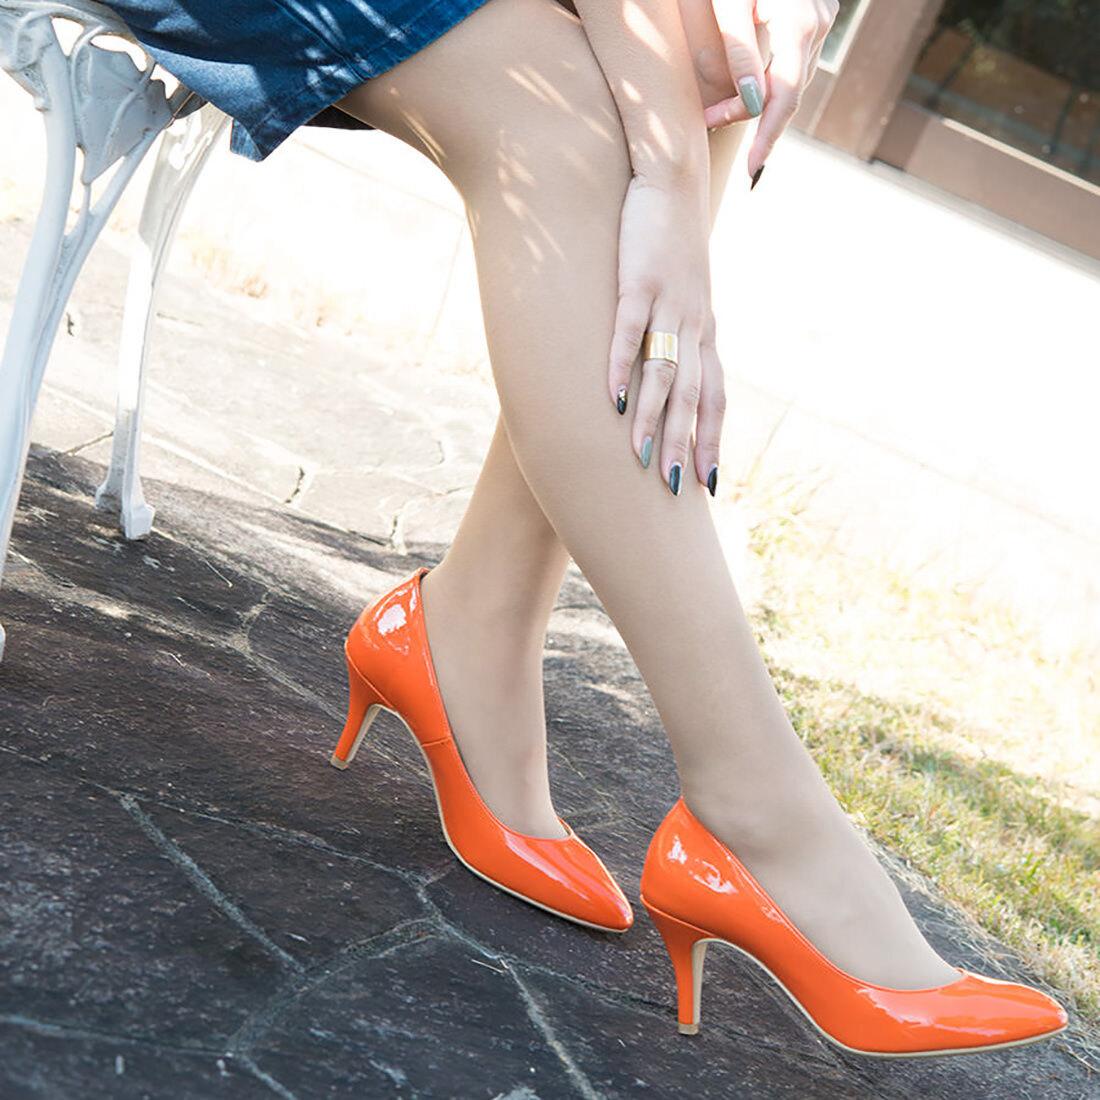 【一部難あり】ラウンドトゥ エナメル パンプス:オレンジエナメル 24.5cm(OT776)